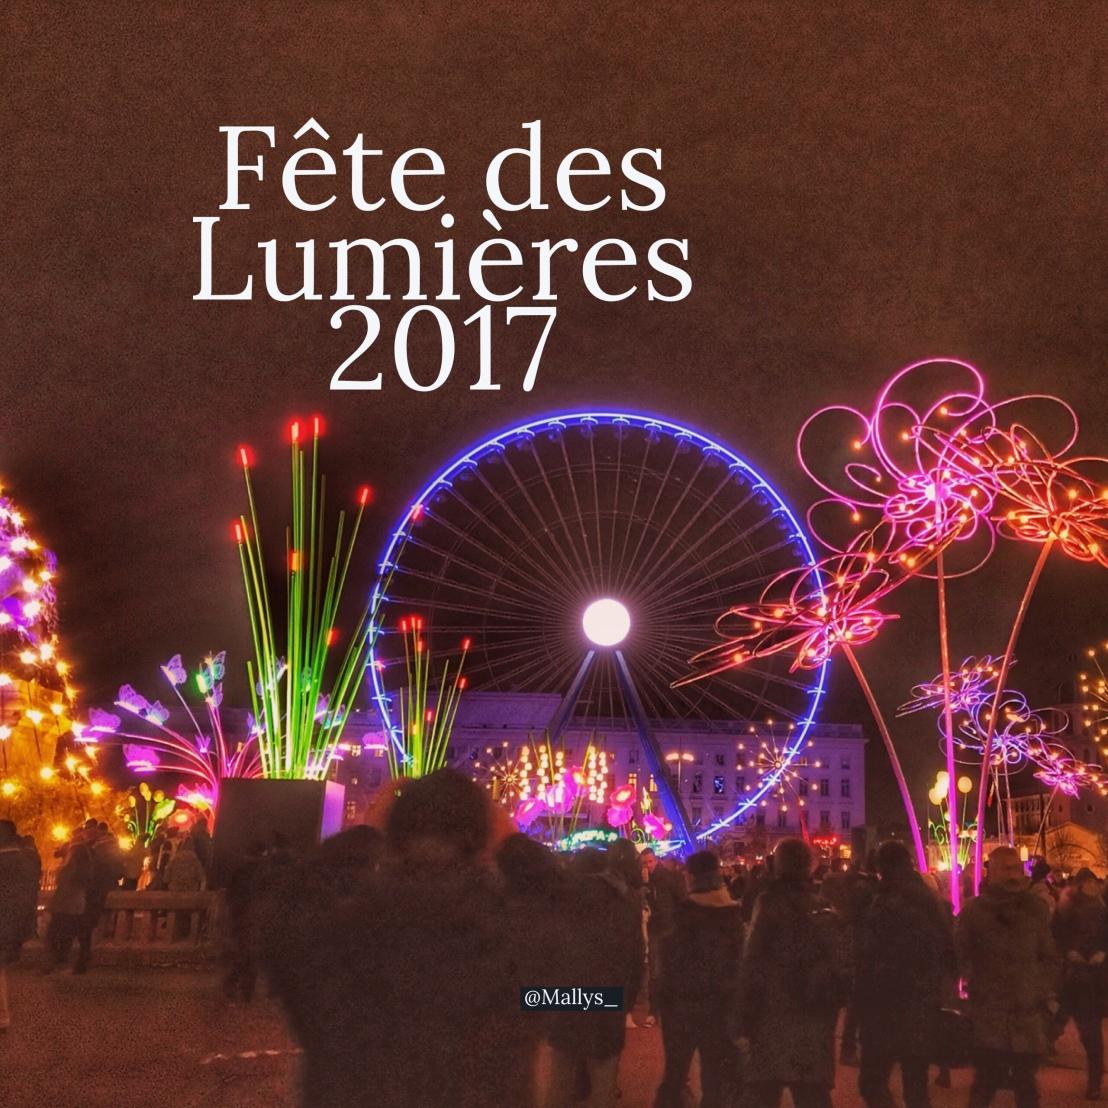 #FDL2017 Fête des Lumières : Retour enimages